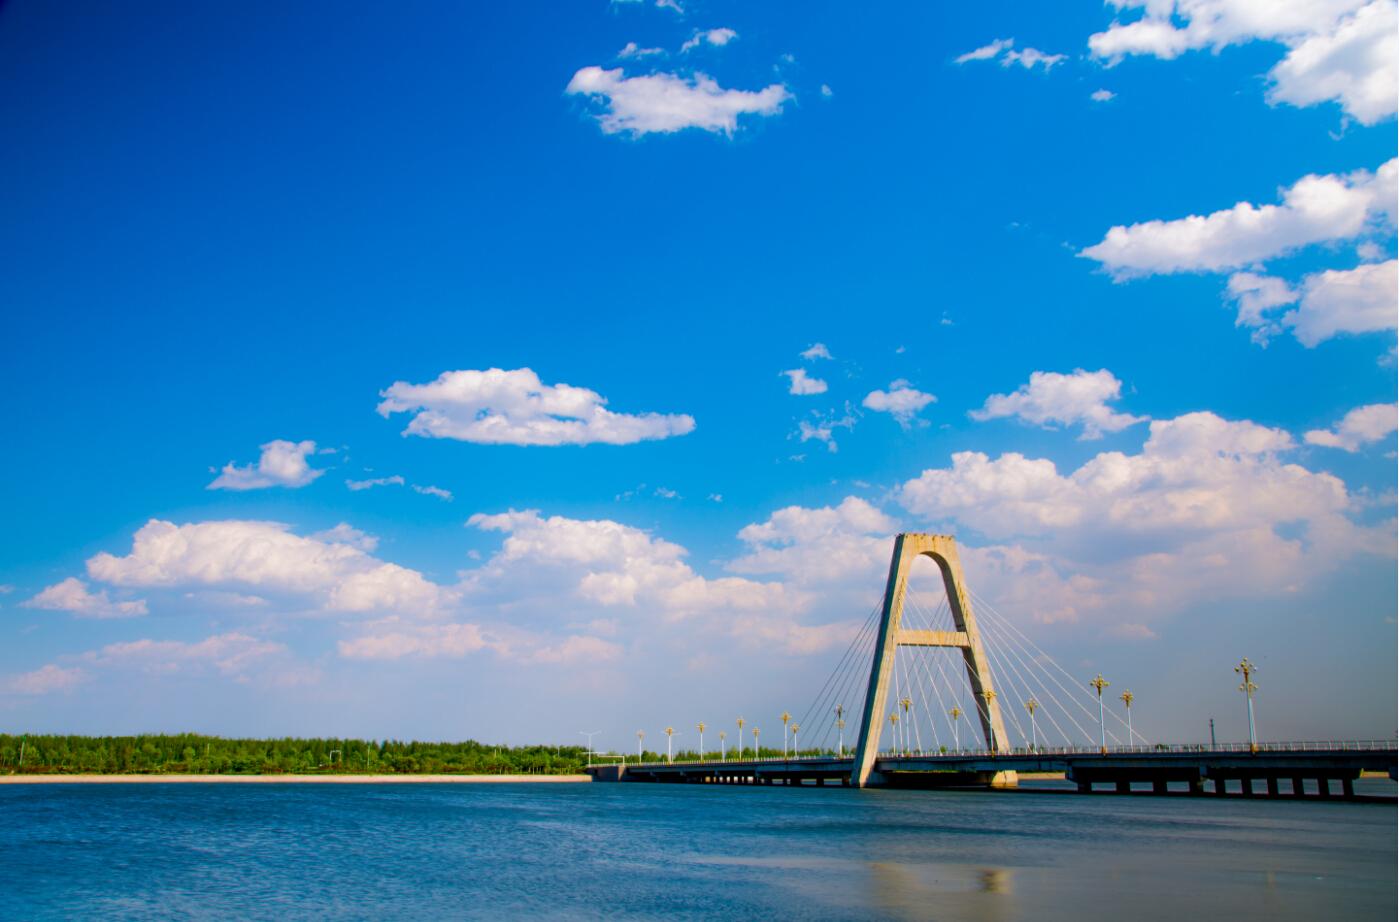 [视频素材] 斜拉桥延时,蓝天白云延时